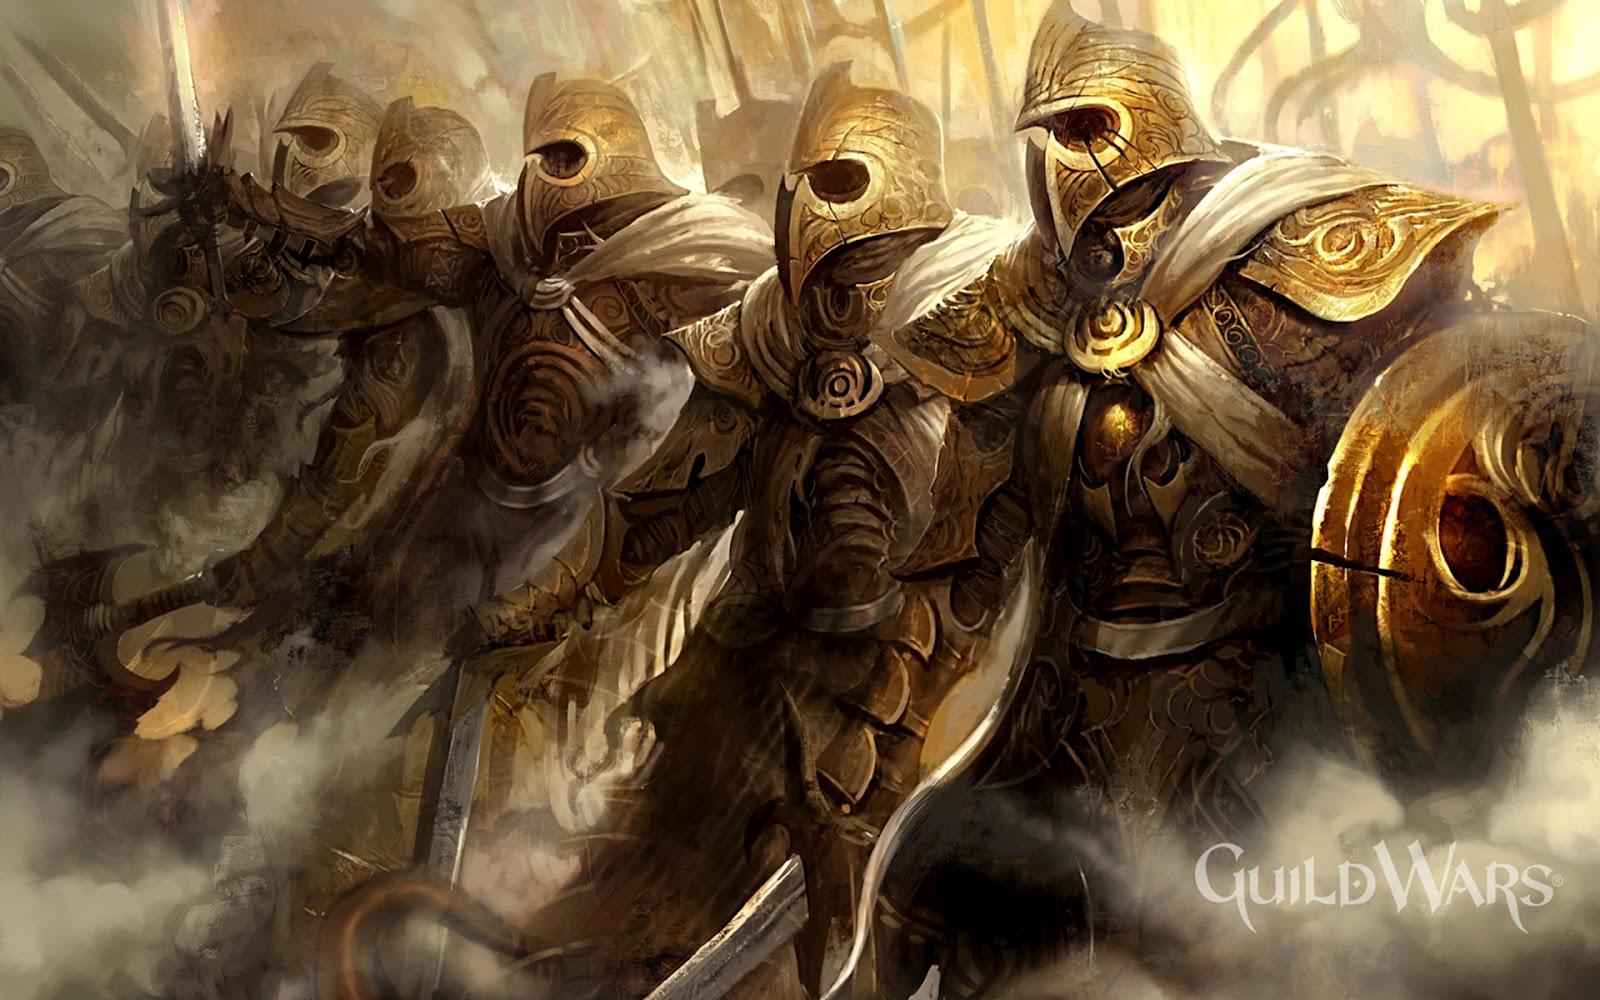 http://4.bp.blogspot.com/-SLwa4zWgn0g/UBdo_6uWwvI/AAAAAAAAJHY/s_eMf3DWZLM/s1600/Guild_Wars_2.jpg